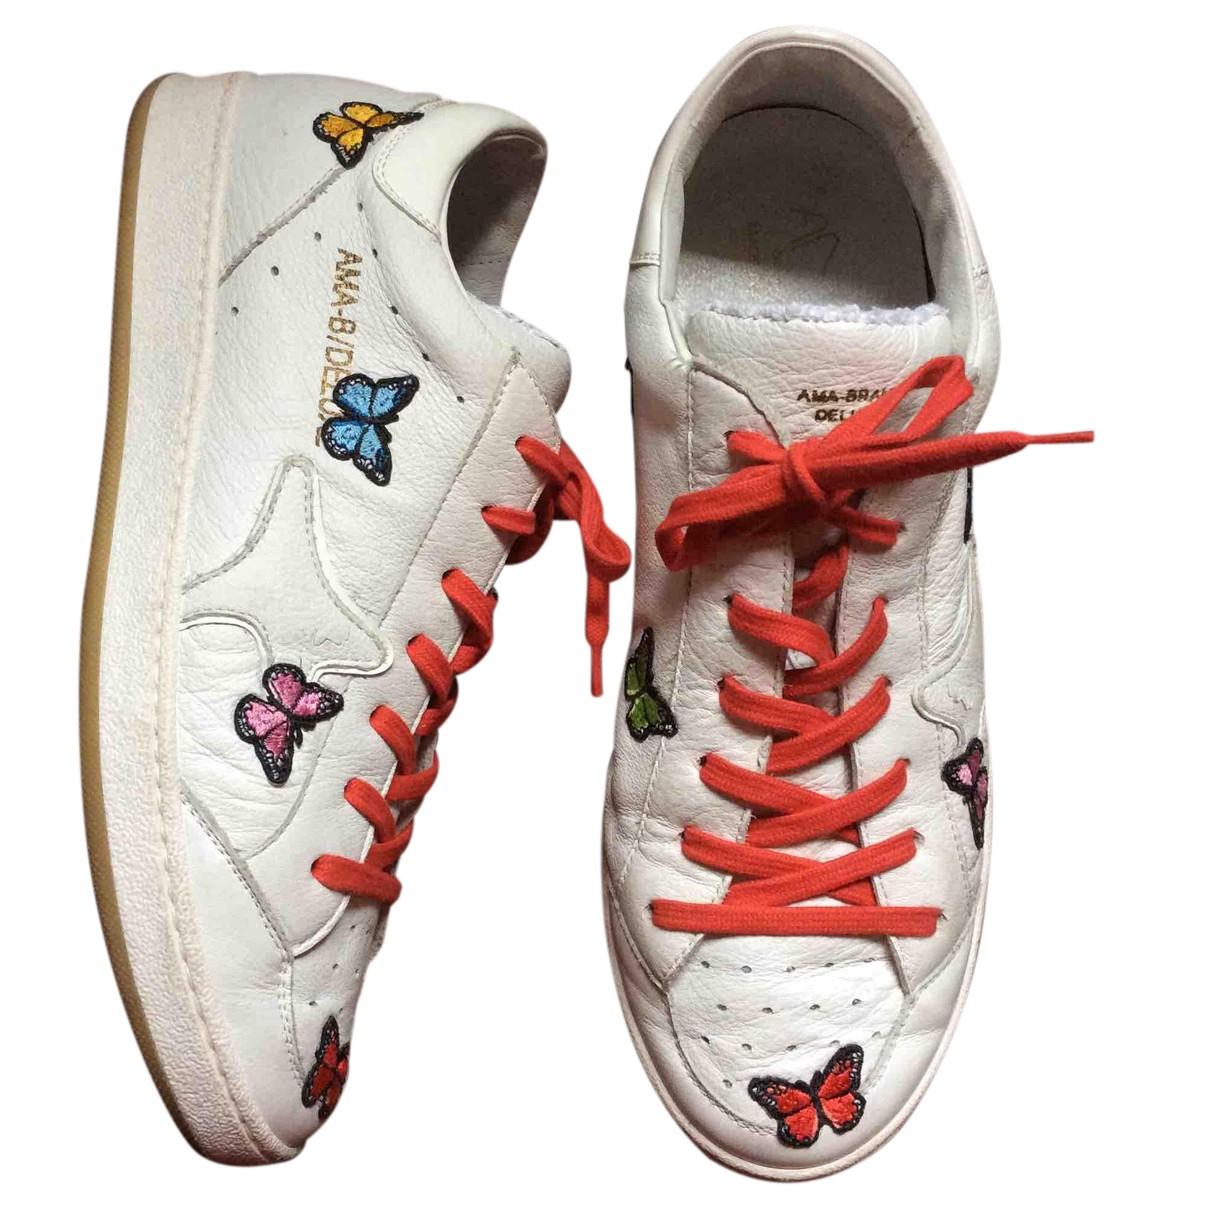 Ama Brand \N Sneakers in  Weiss Leder